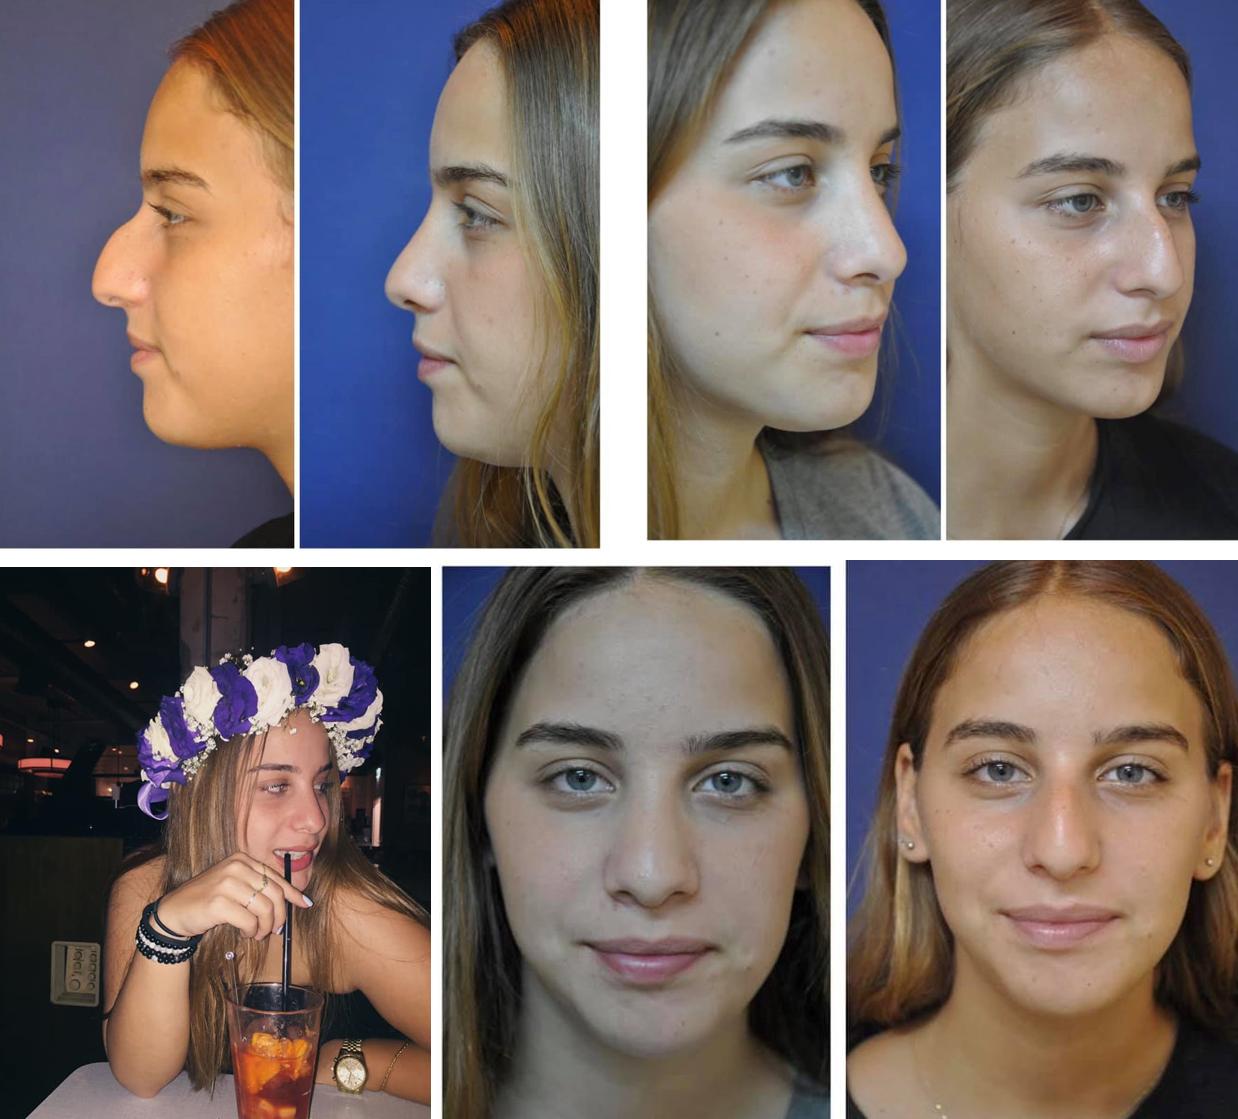 ניתוח אף לנערות לפני ואחרי